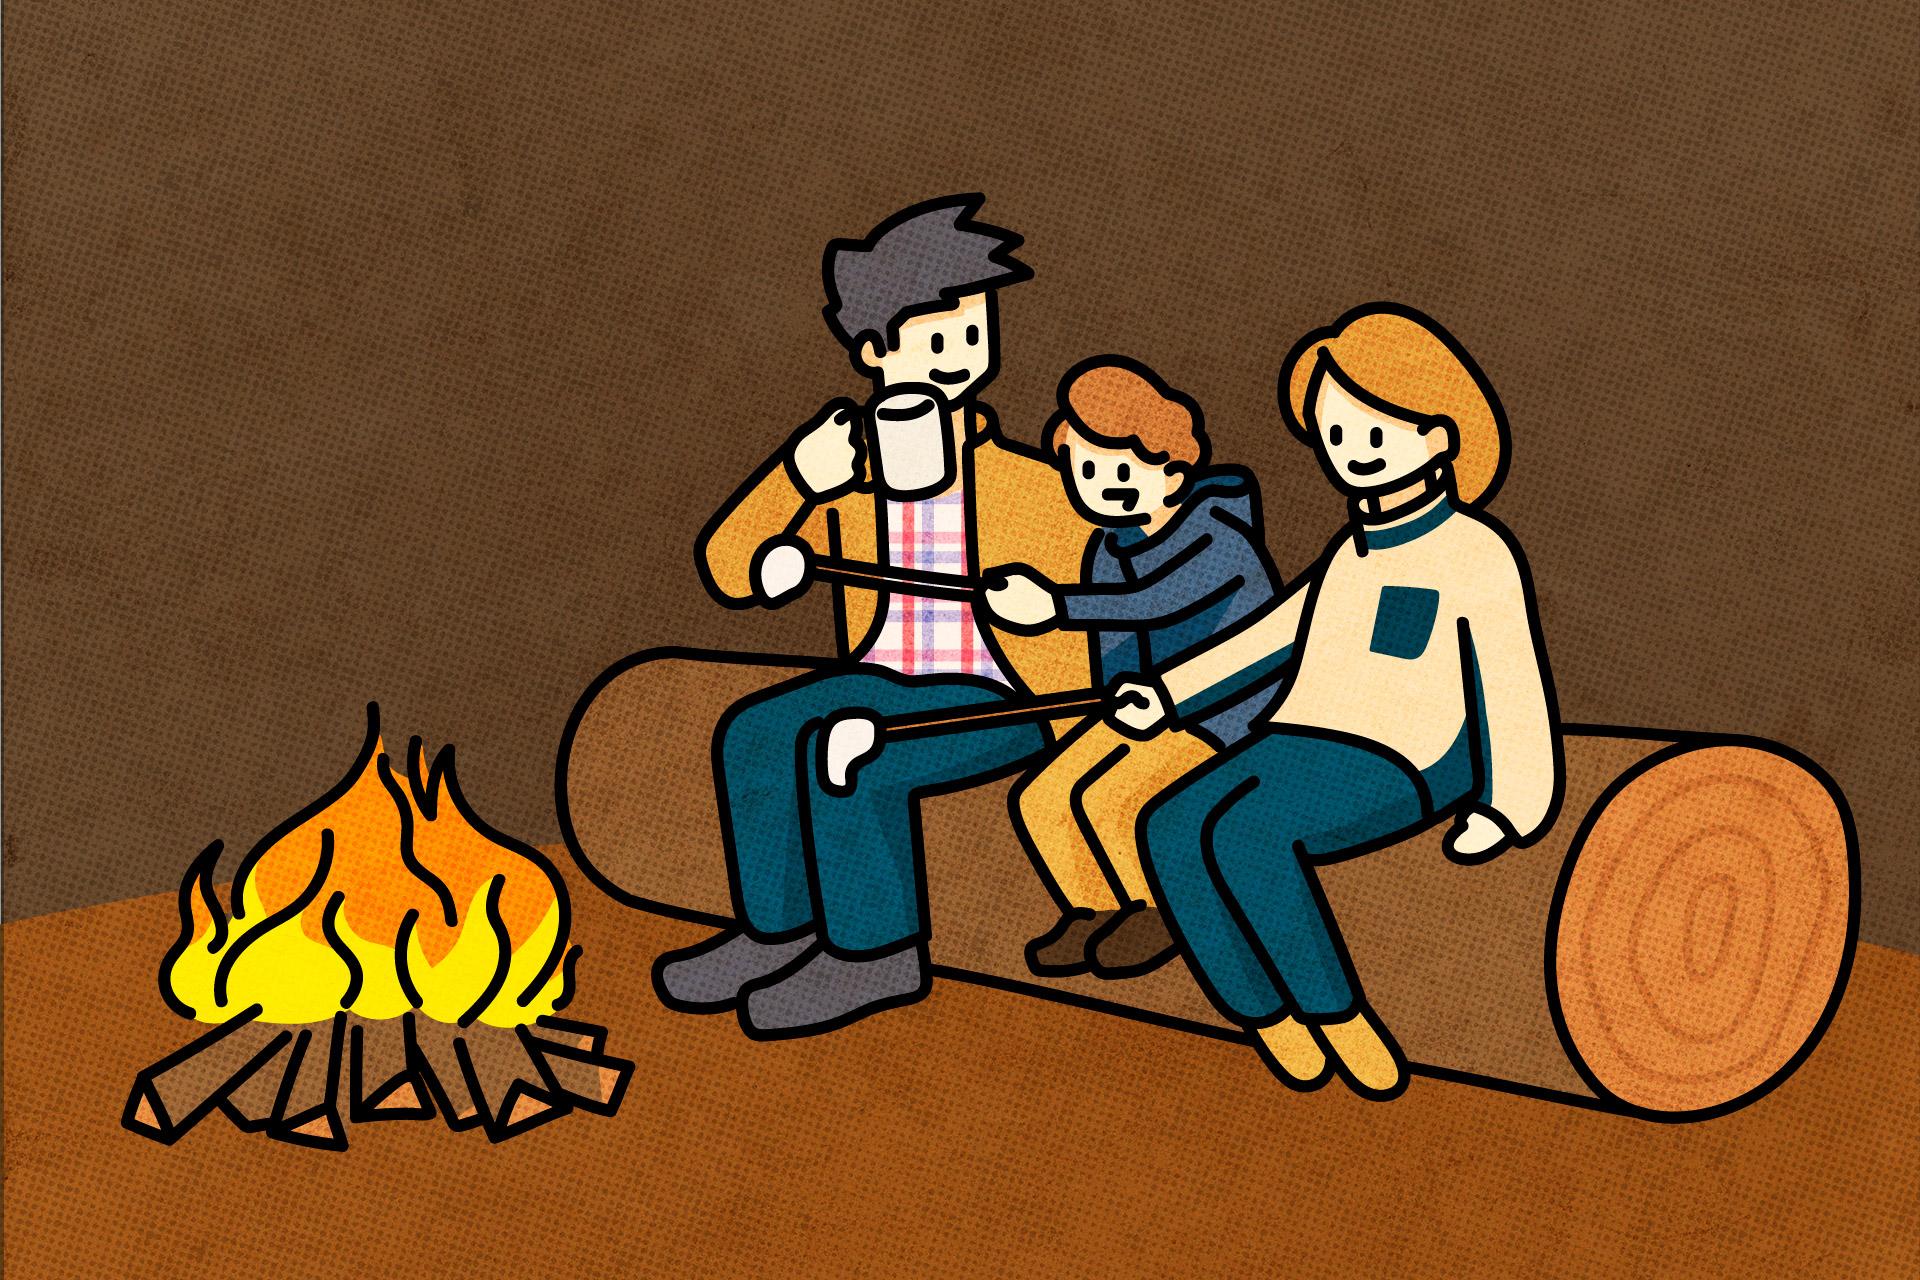 初心者キャンパーにもおすすめ!家族で楽しめる秋冬ファミリーキャンプ・遊び方特集